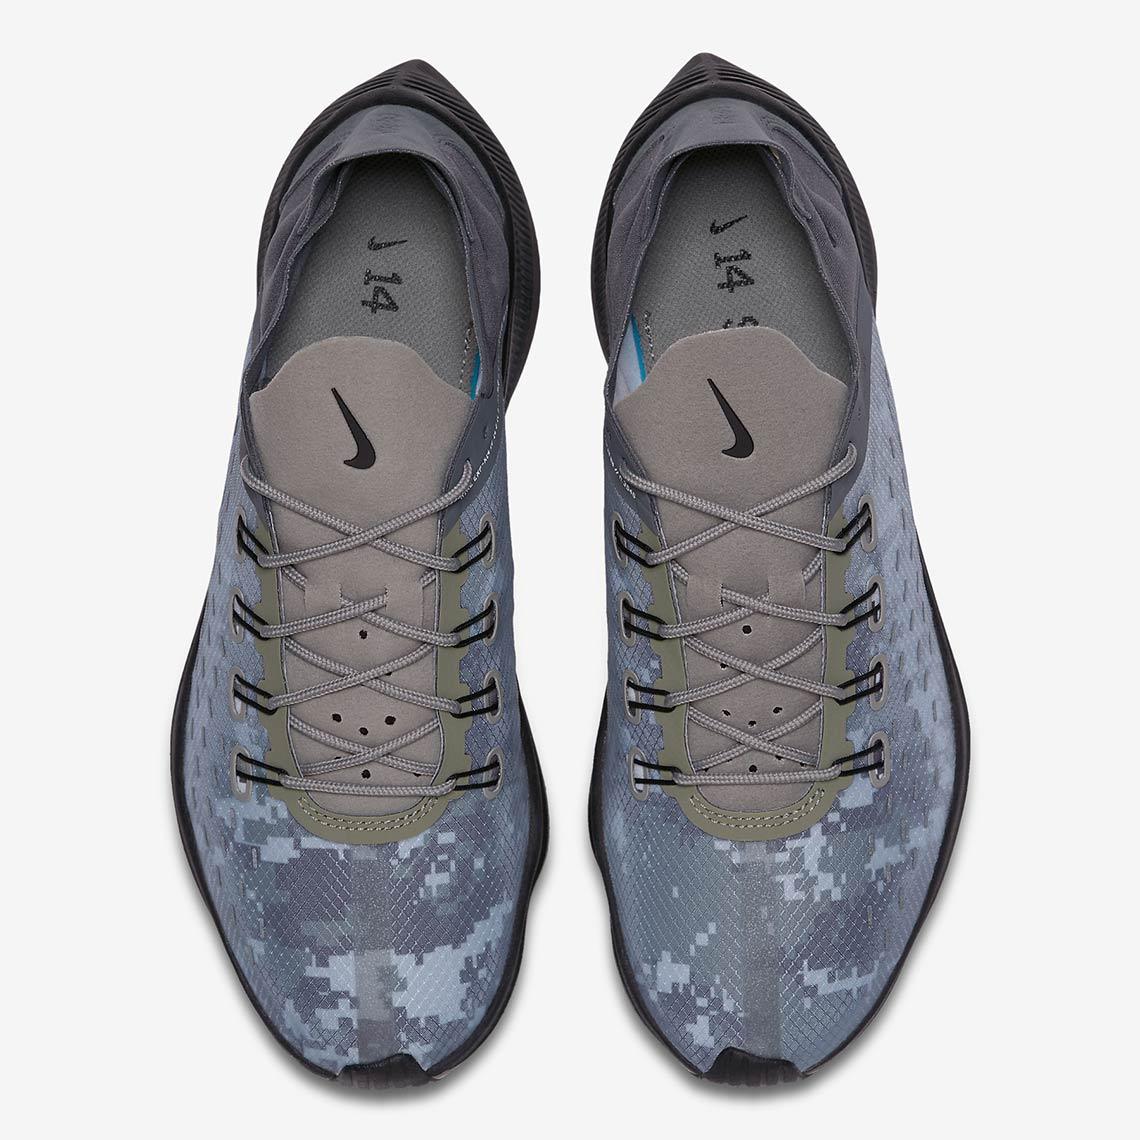 huge discount e96eb da692 Nike EXP X-14 Dark Stucco AR4211-001 Release Info   SneakerNews.com